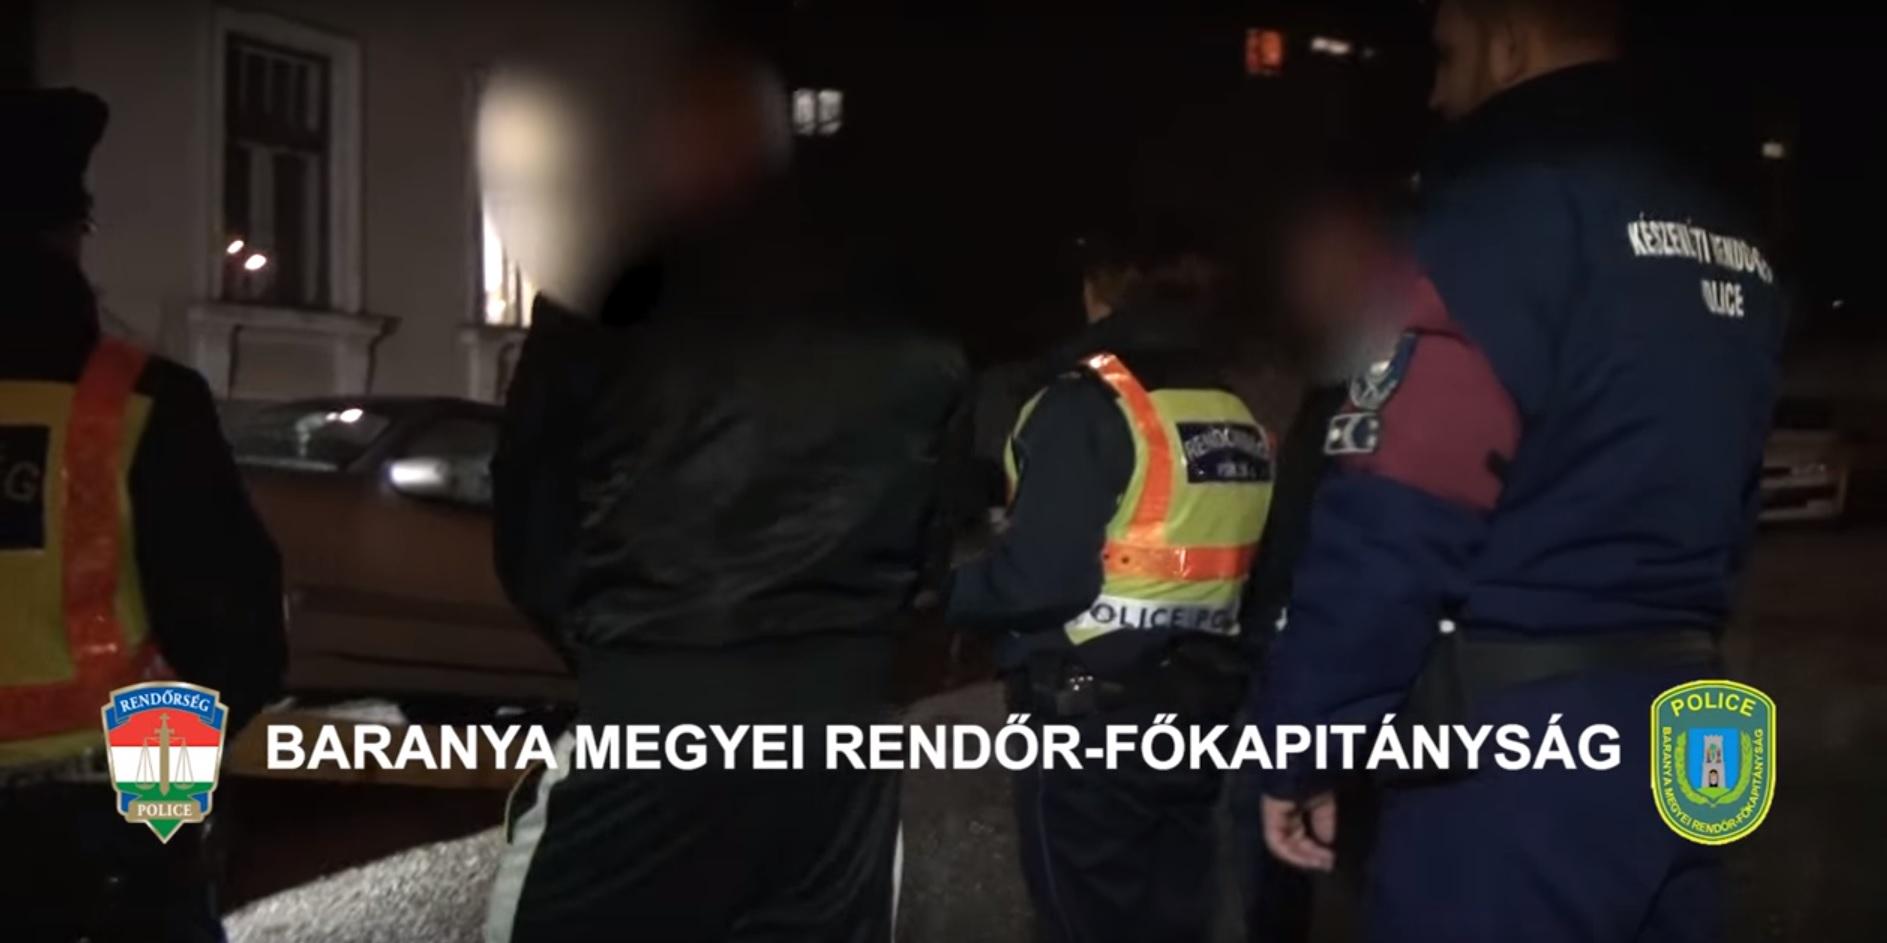 Fegyverrel támadt parkolóőrökre egy férfi Pécsett, mert ellenőrizni akarták